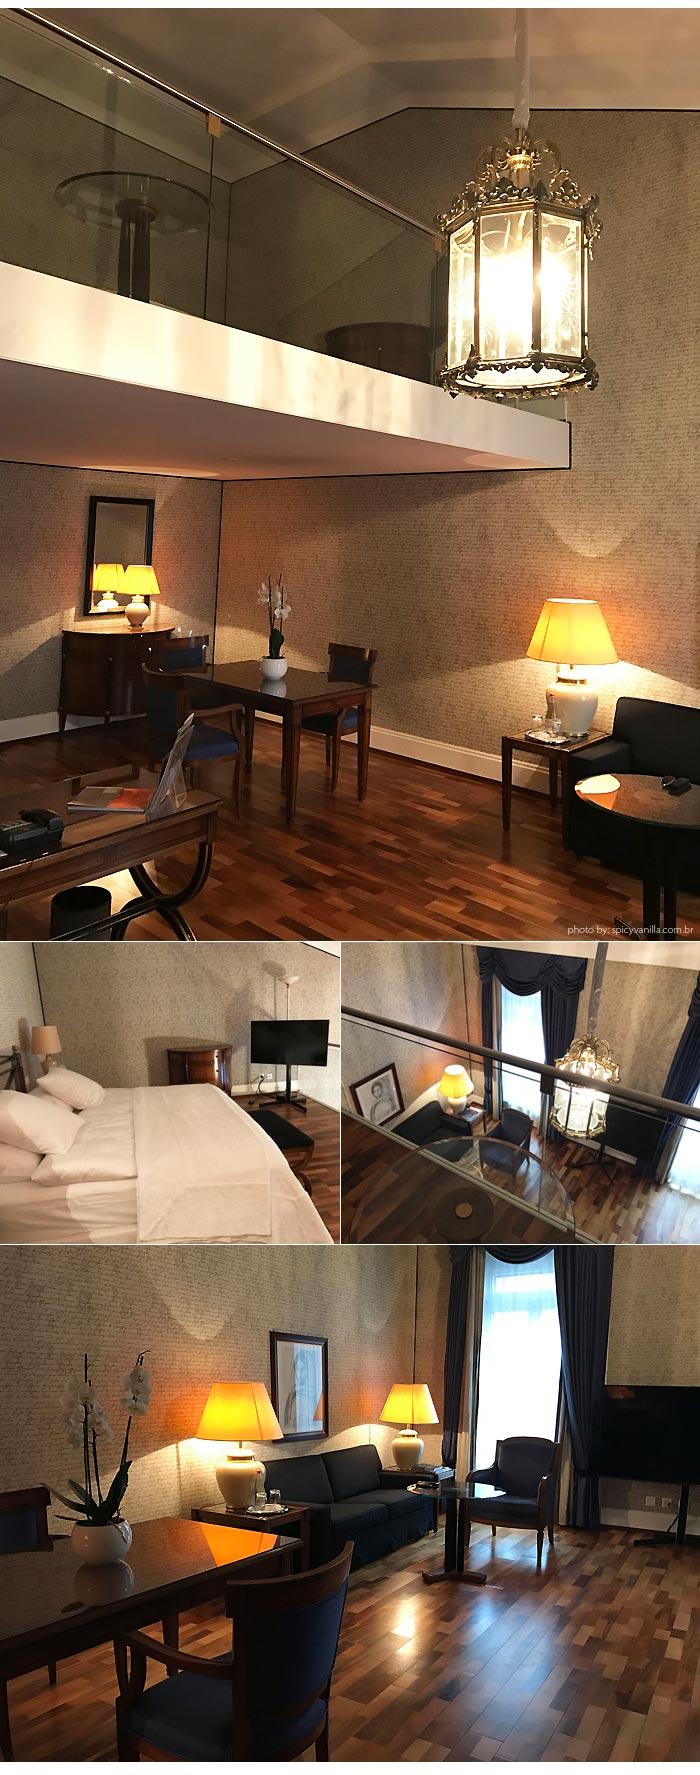 victoria jungfrau suite duplex - Dica de Hotel | Victoria Jungfrau Grand Hotel & Spa em Interlaken